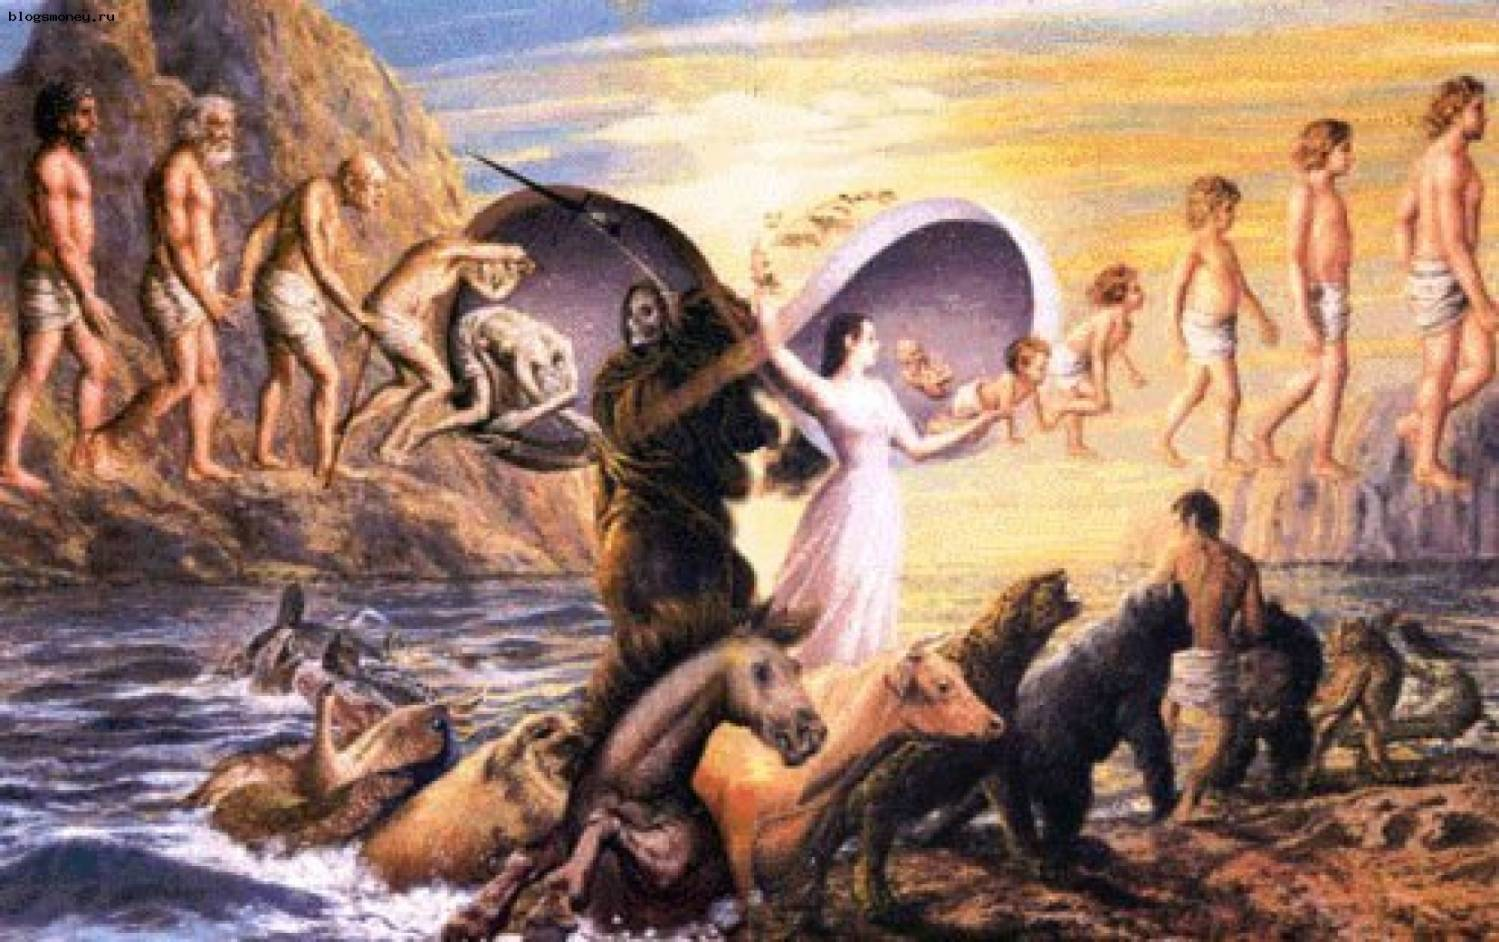 Aranyosi Ervin: A Halottak napjának értelmét keresve...